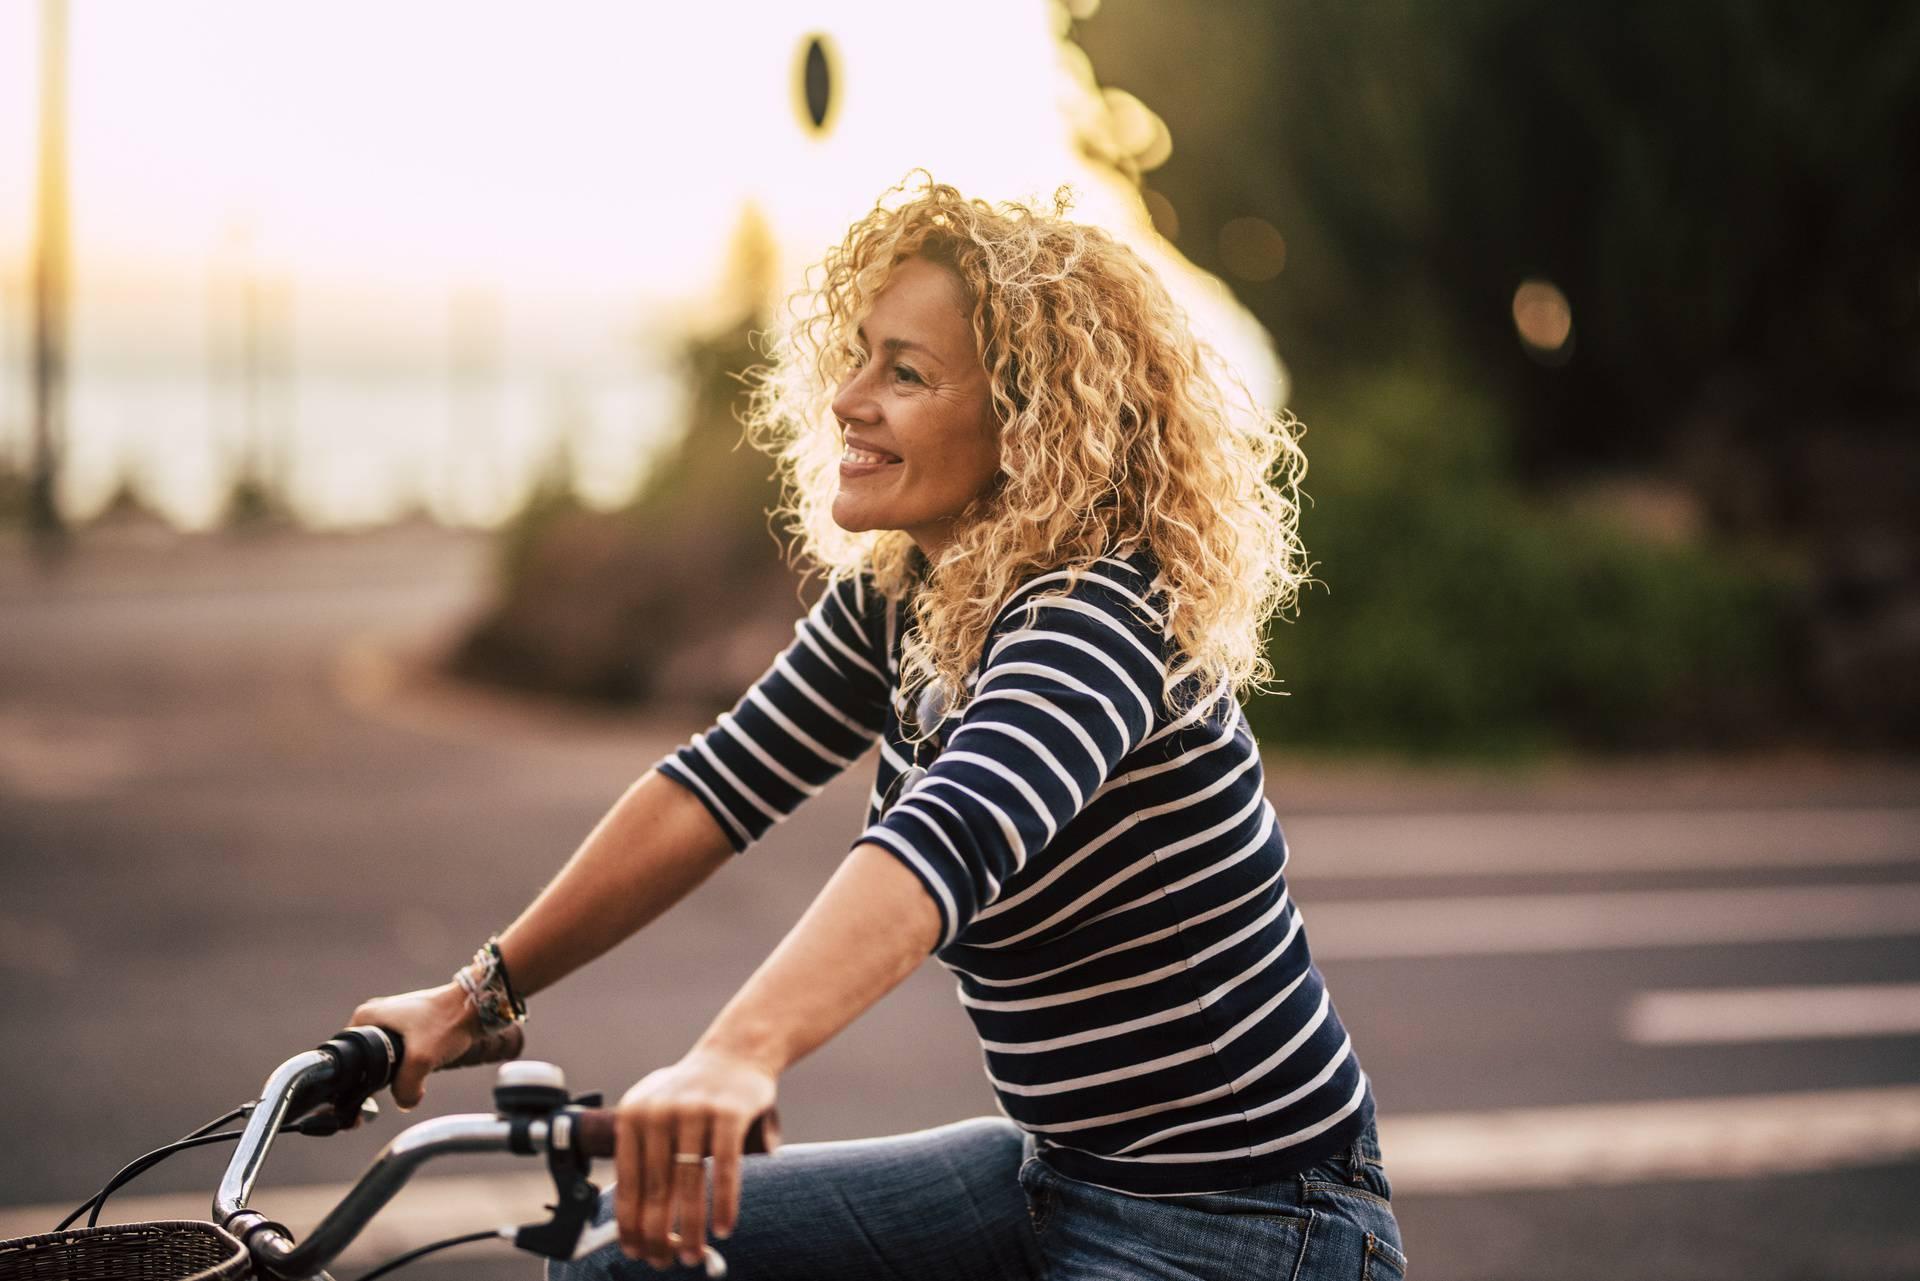 Učinite život sretnijim: Više pazite na sebe i budite aktivni